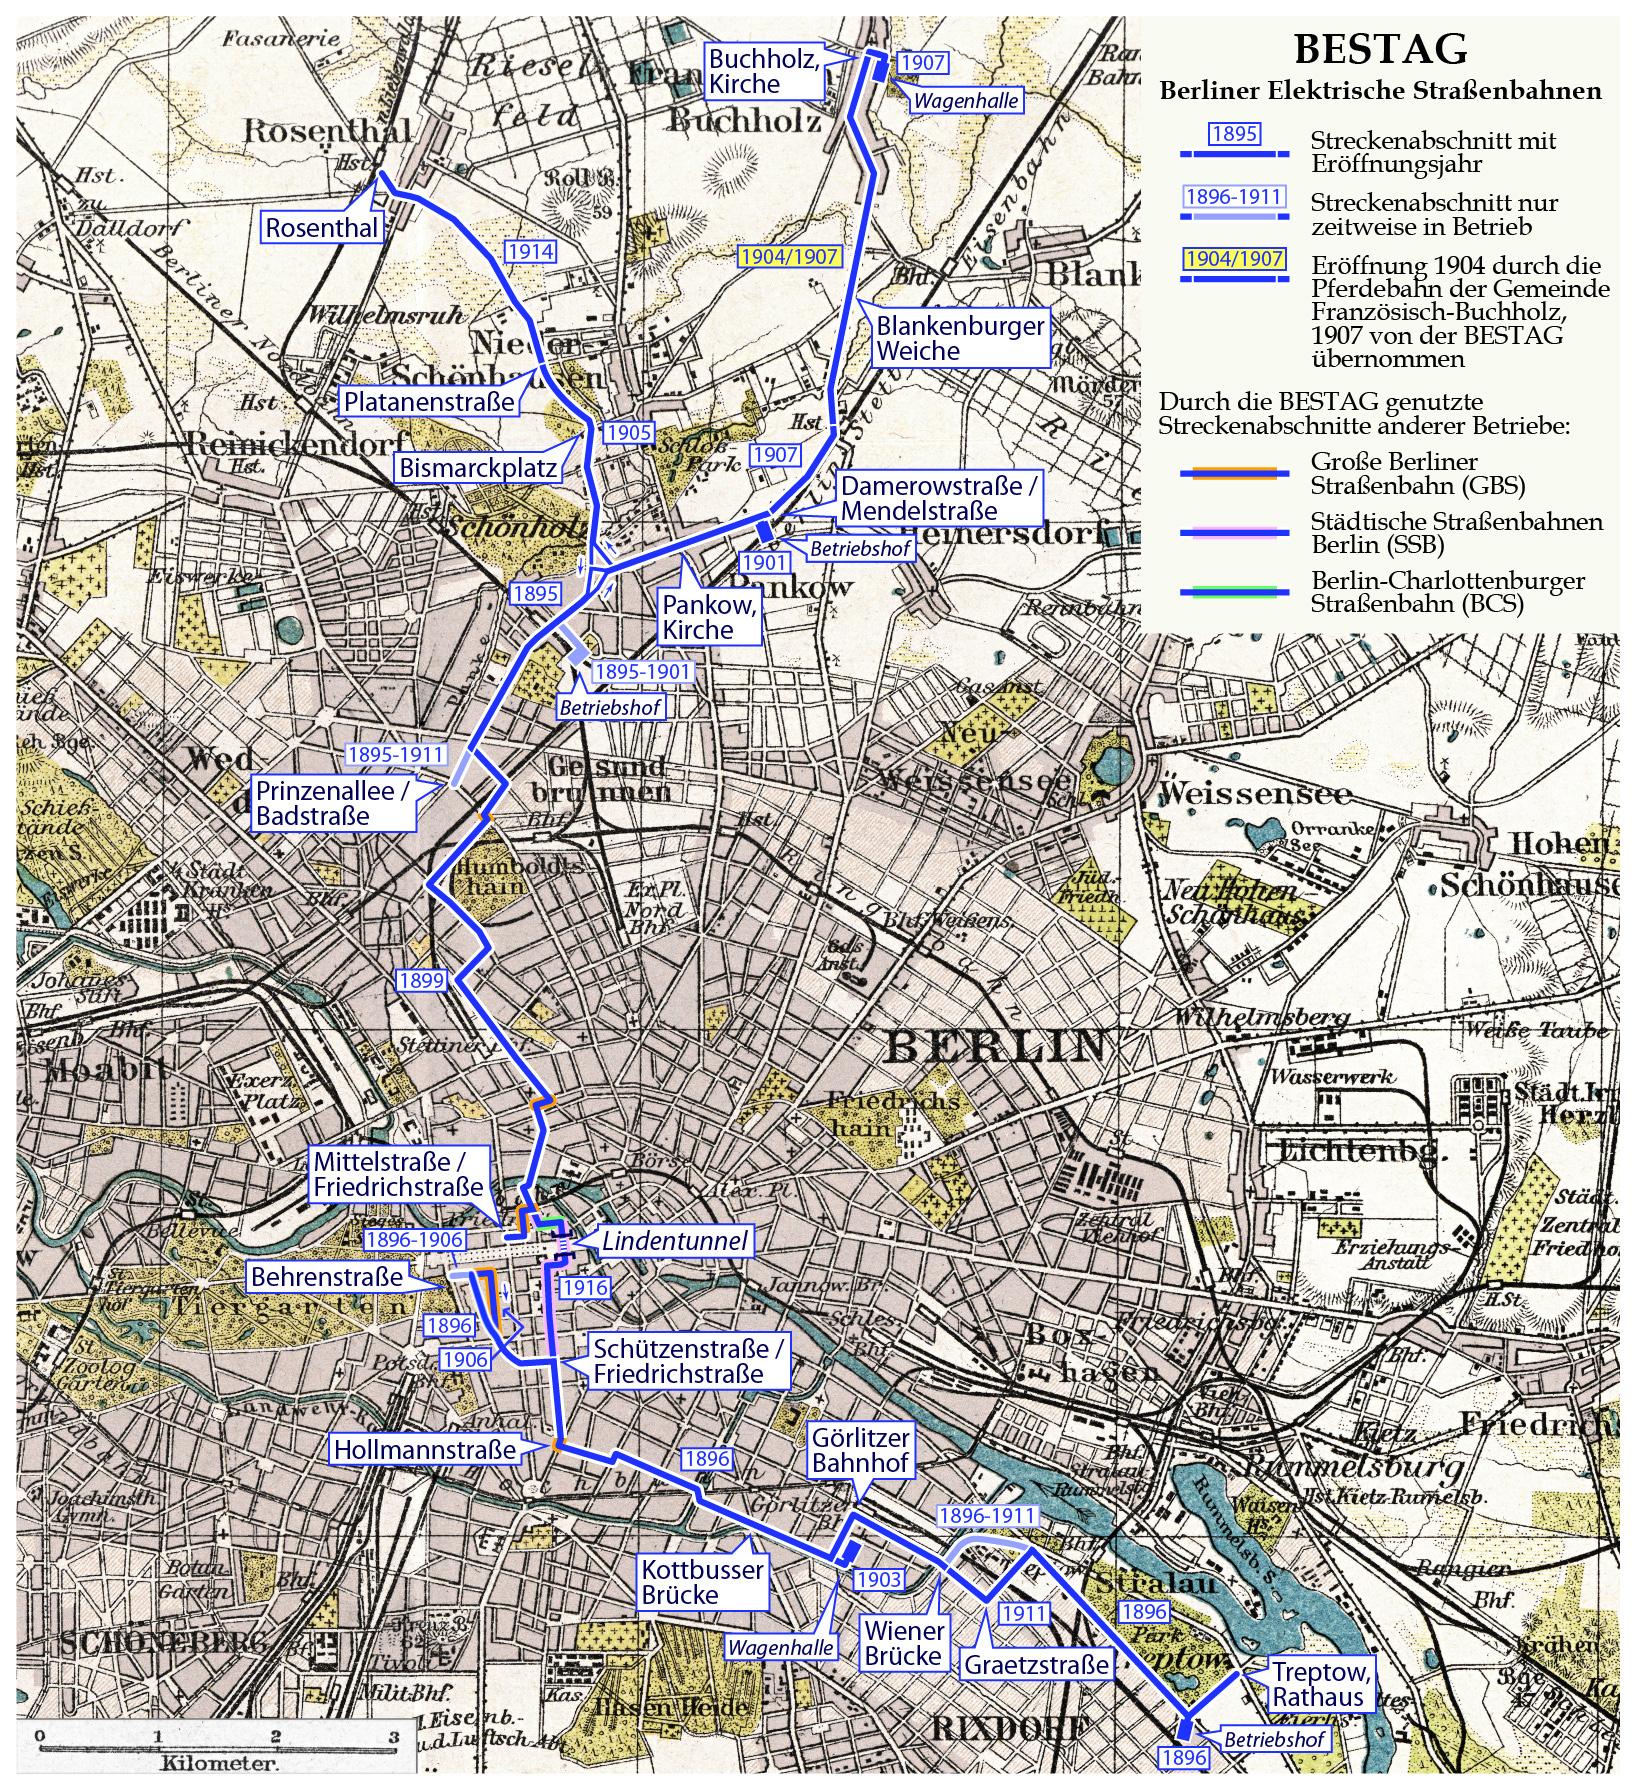 Datei:Karte Berliner Elektrische Straßenbahnen (BESTAG).jpg – Wikipedia